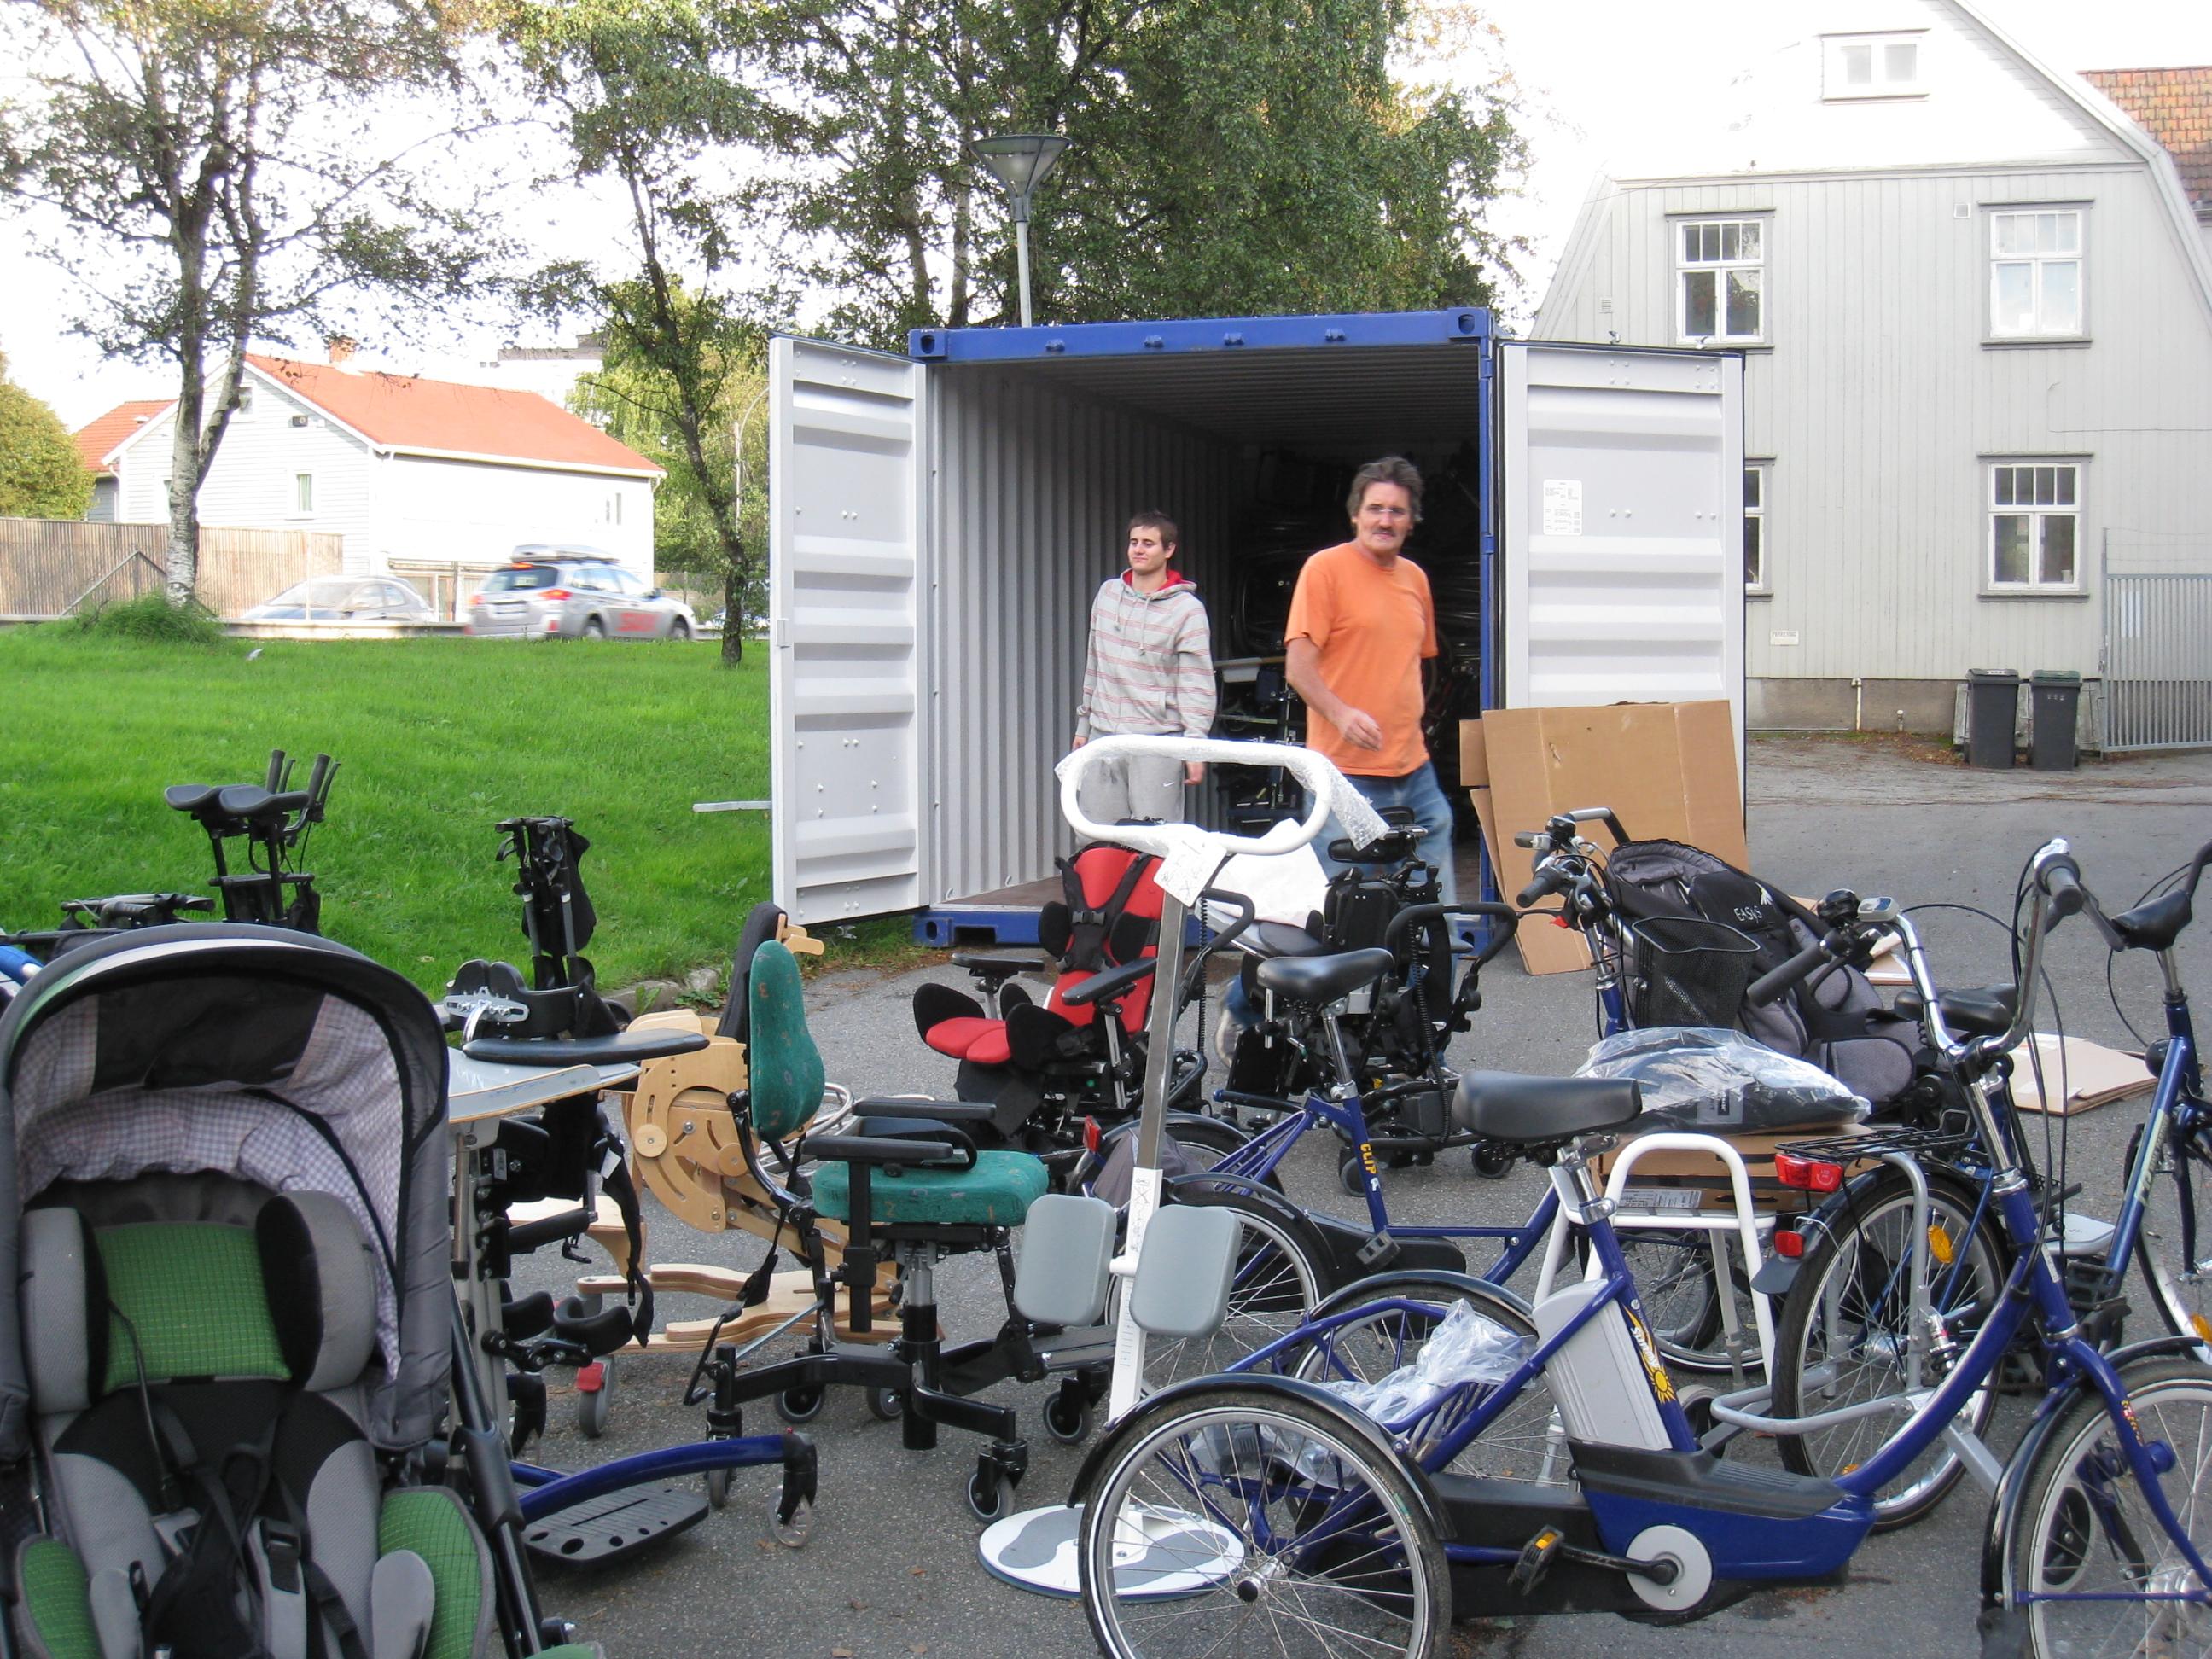 Andres og Carlos (sønn og far) laster utstyret inn i container nr 54